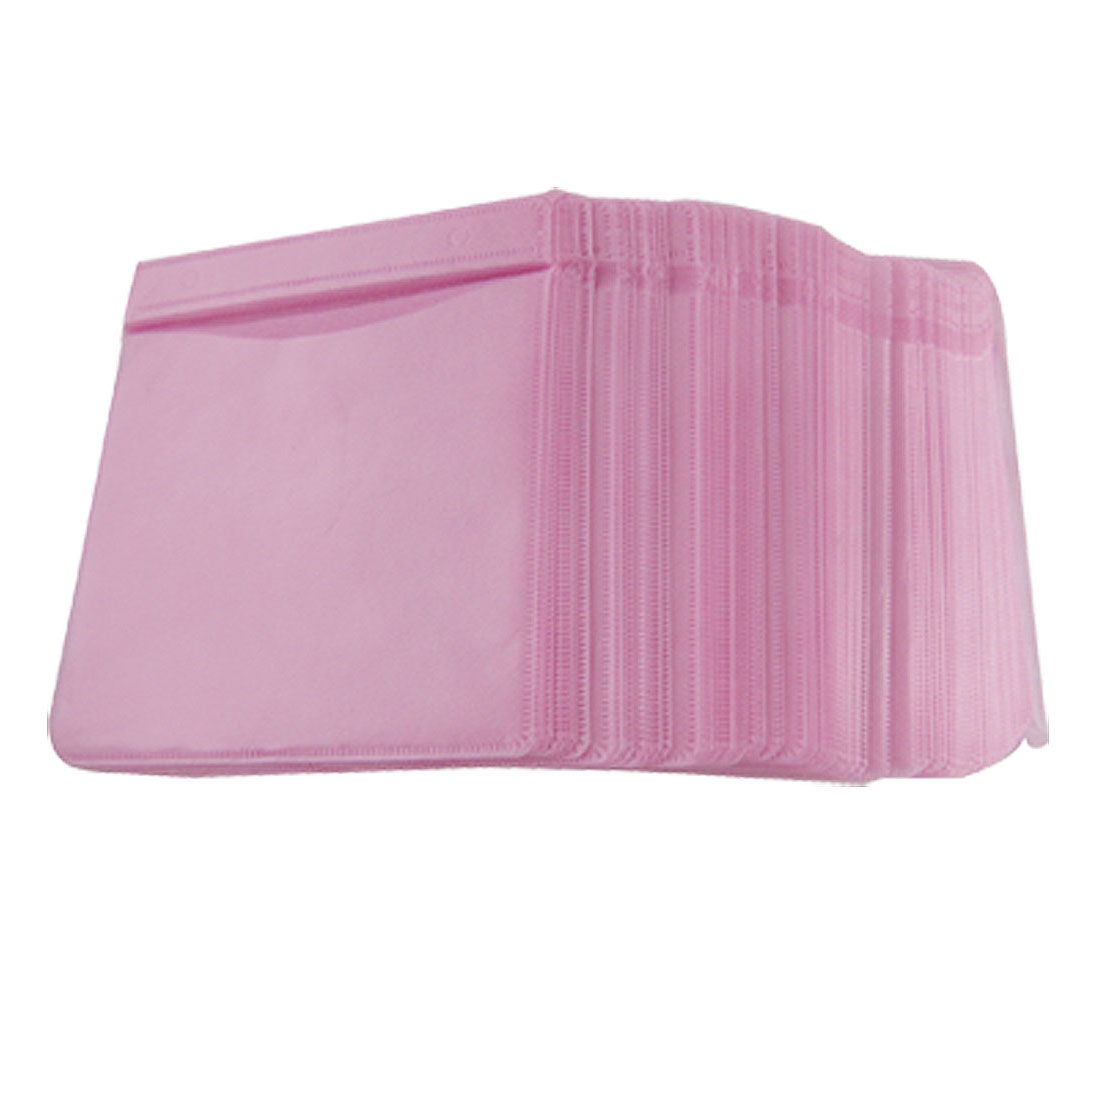 100 Pcs Double Side Pink Home CD Storage Bag Holder